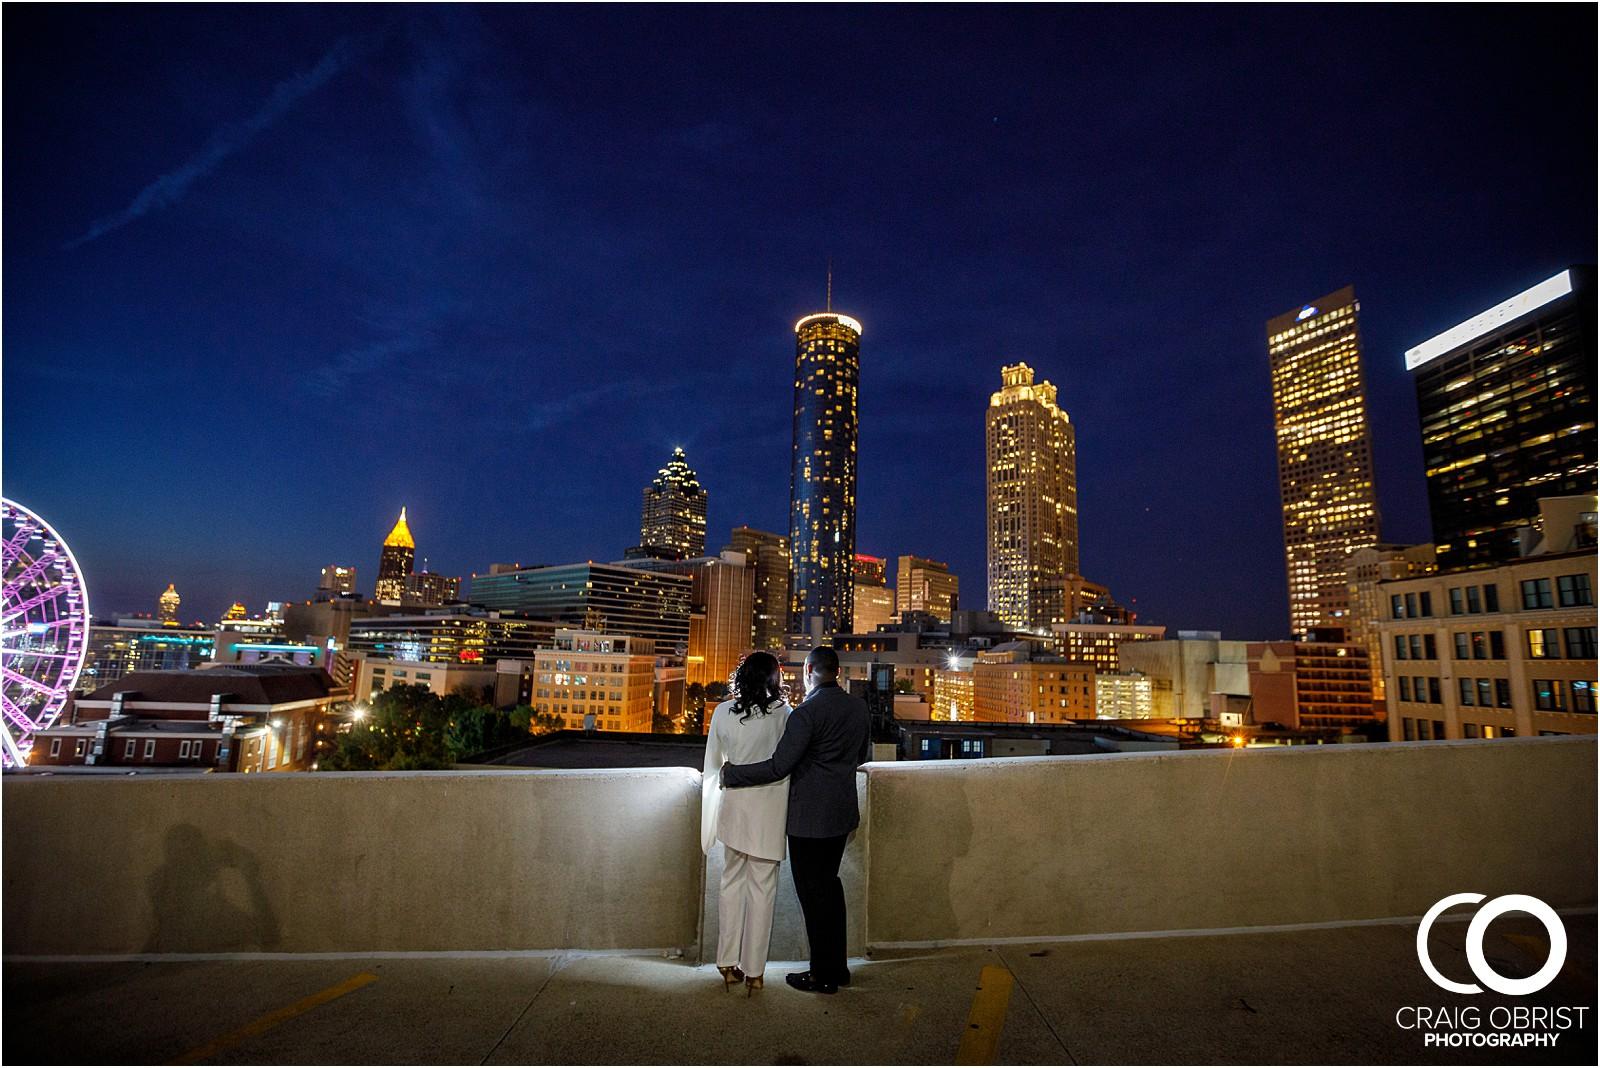 Piedmont Park Sunset Atlanta Skyline Nightime_0020.jpg